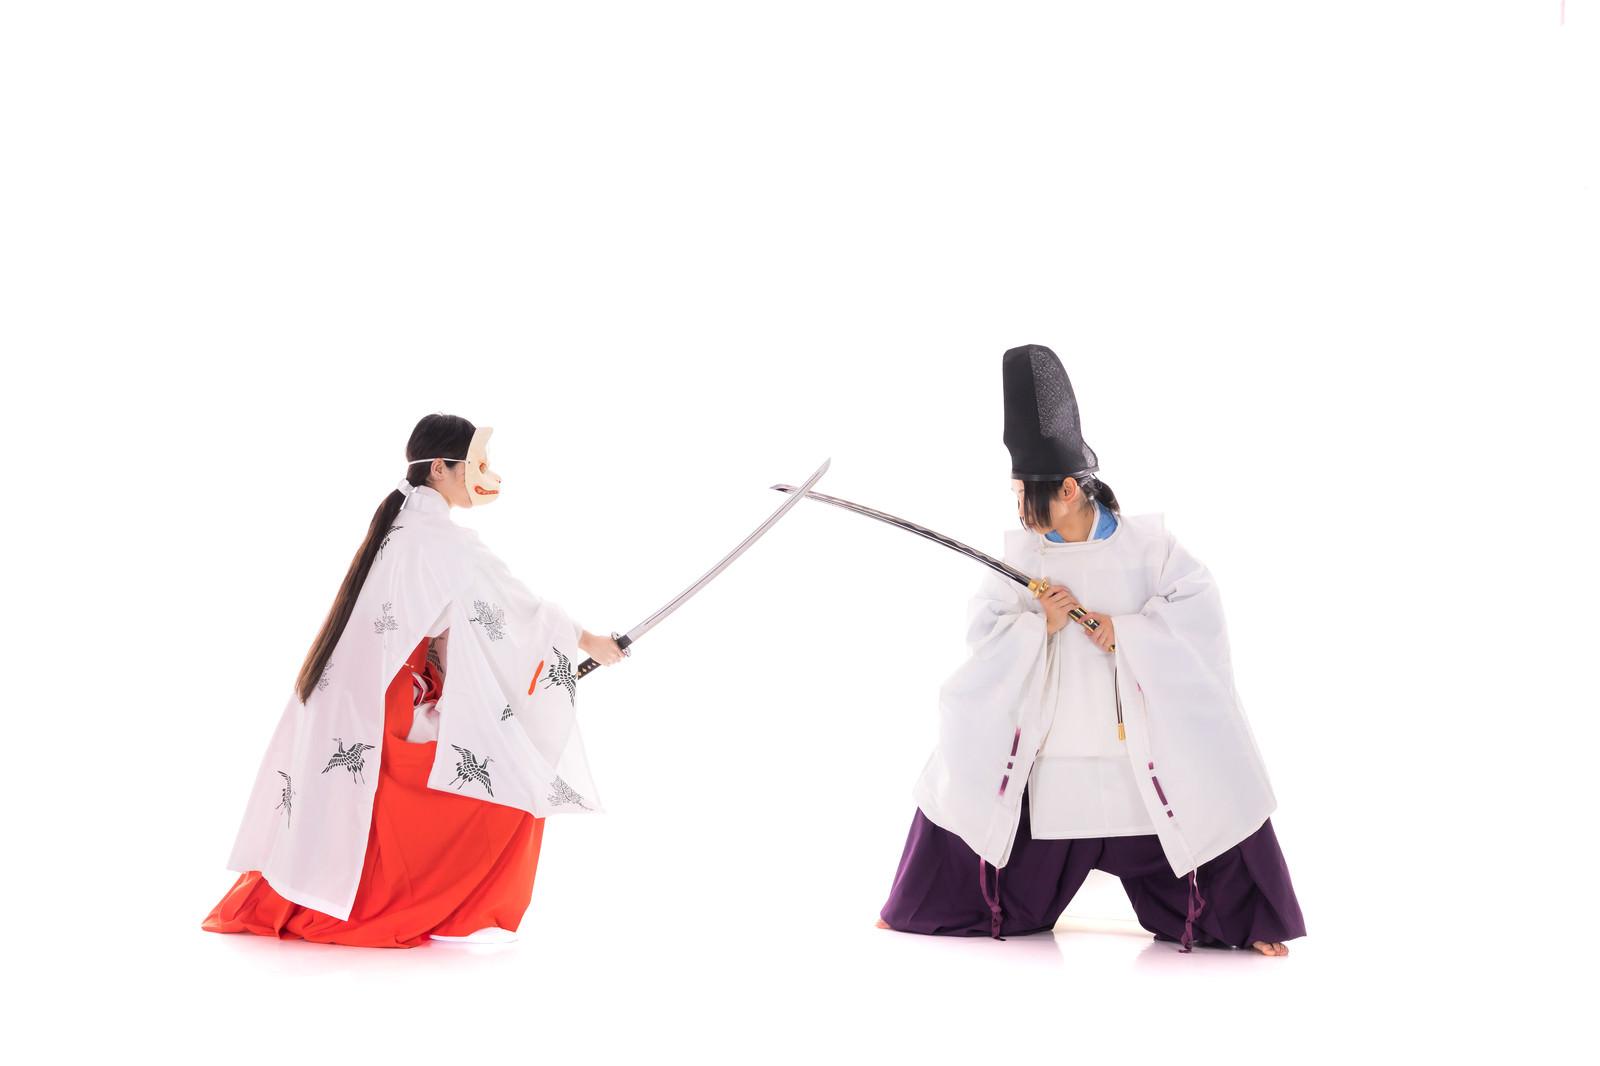 「狐巫女と一騎打ちで戦う陰陽師」の写真[モデル:まーこ 緋真煉]